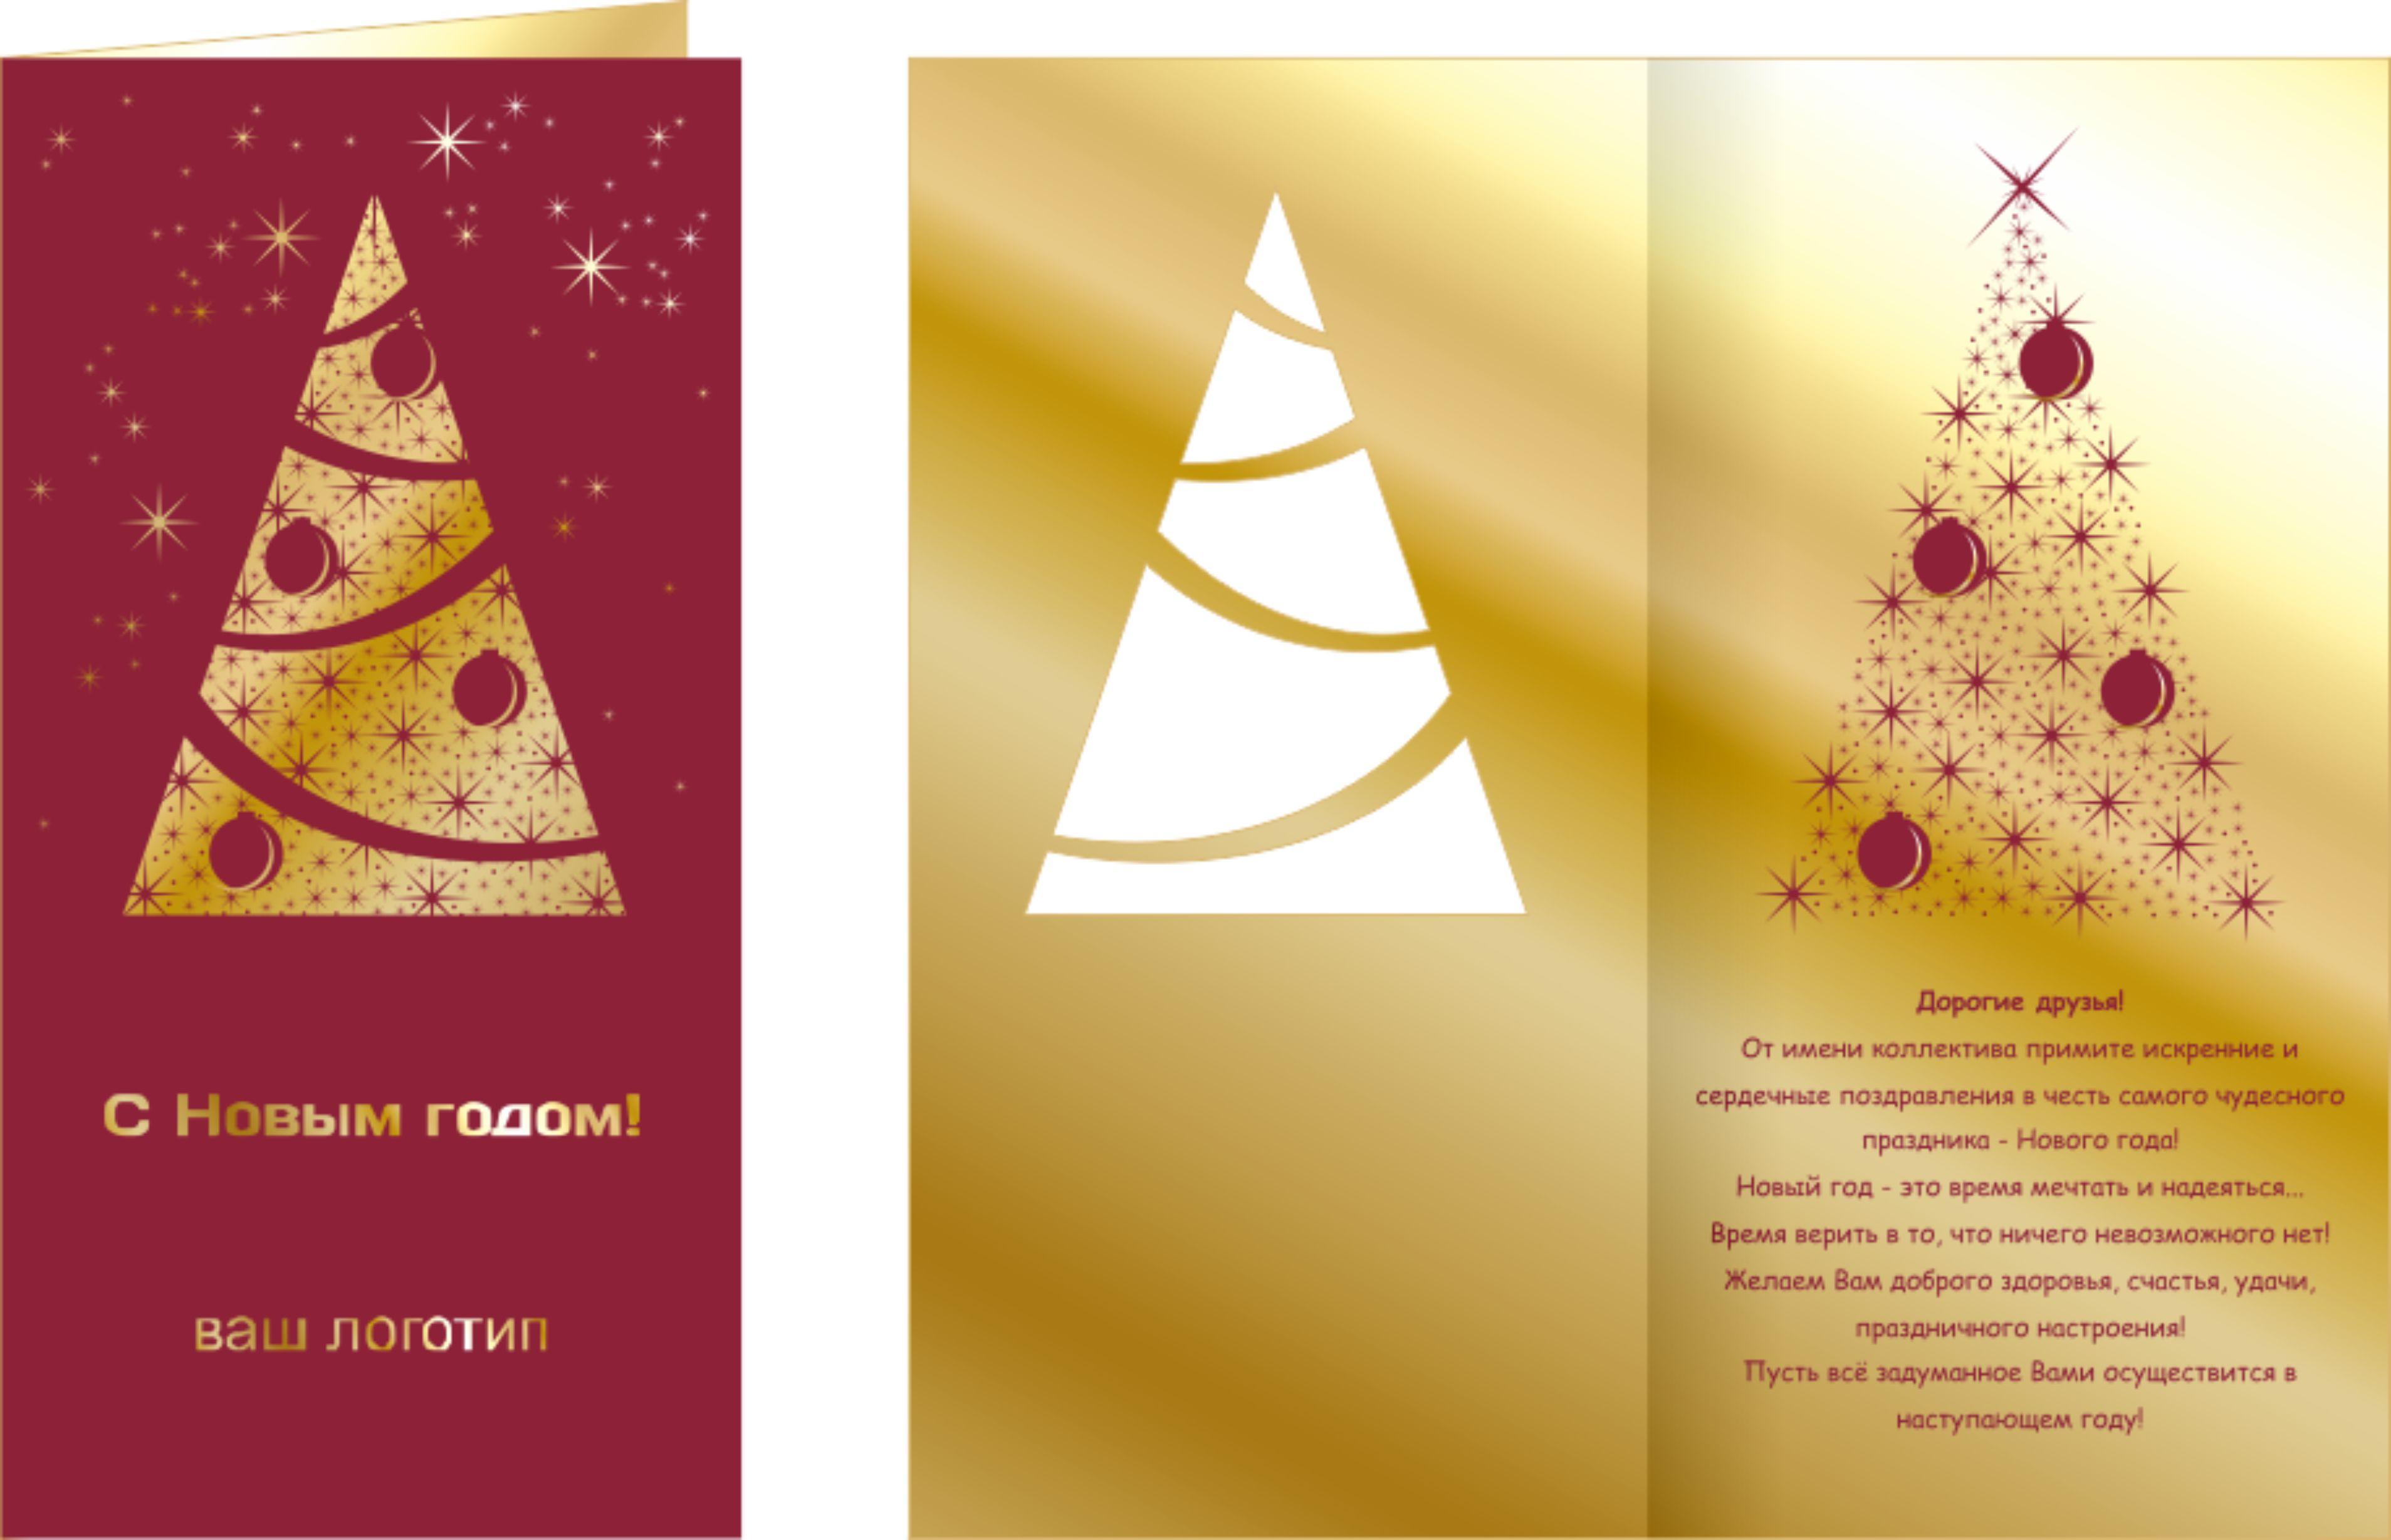 Готовые шаблоны открыток новогодних открыток 73